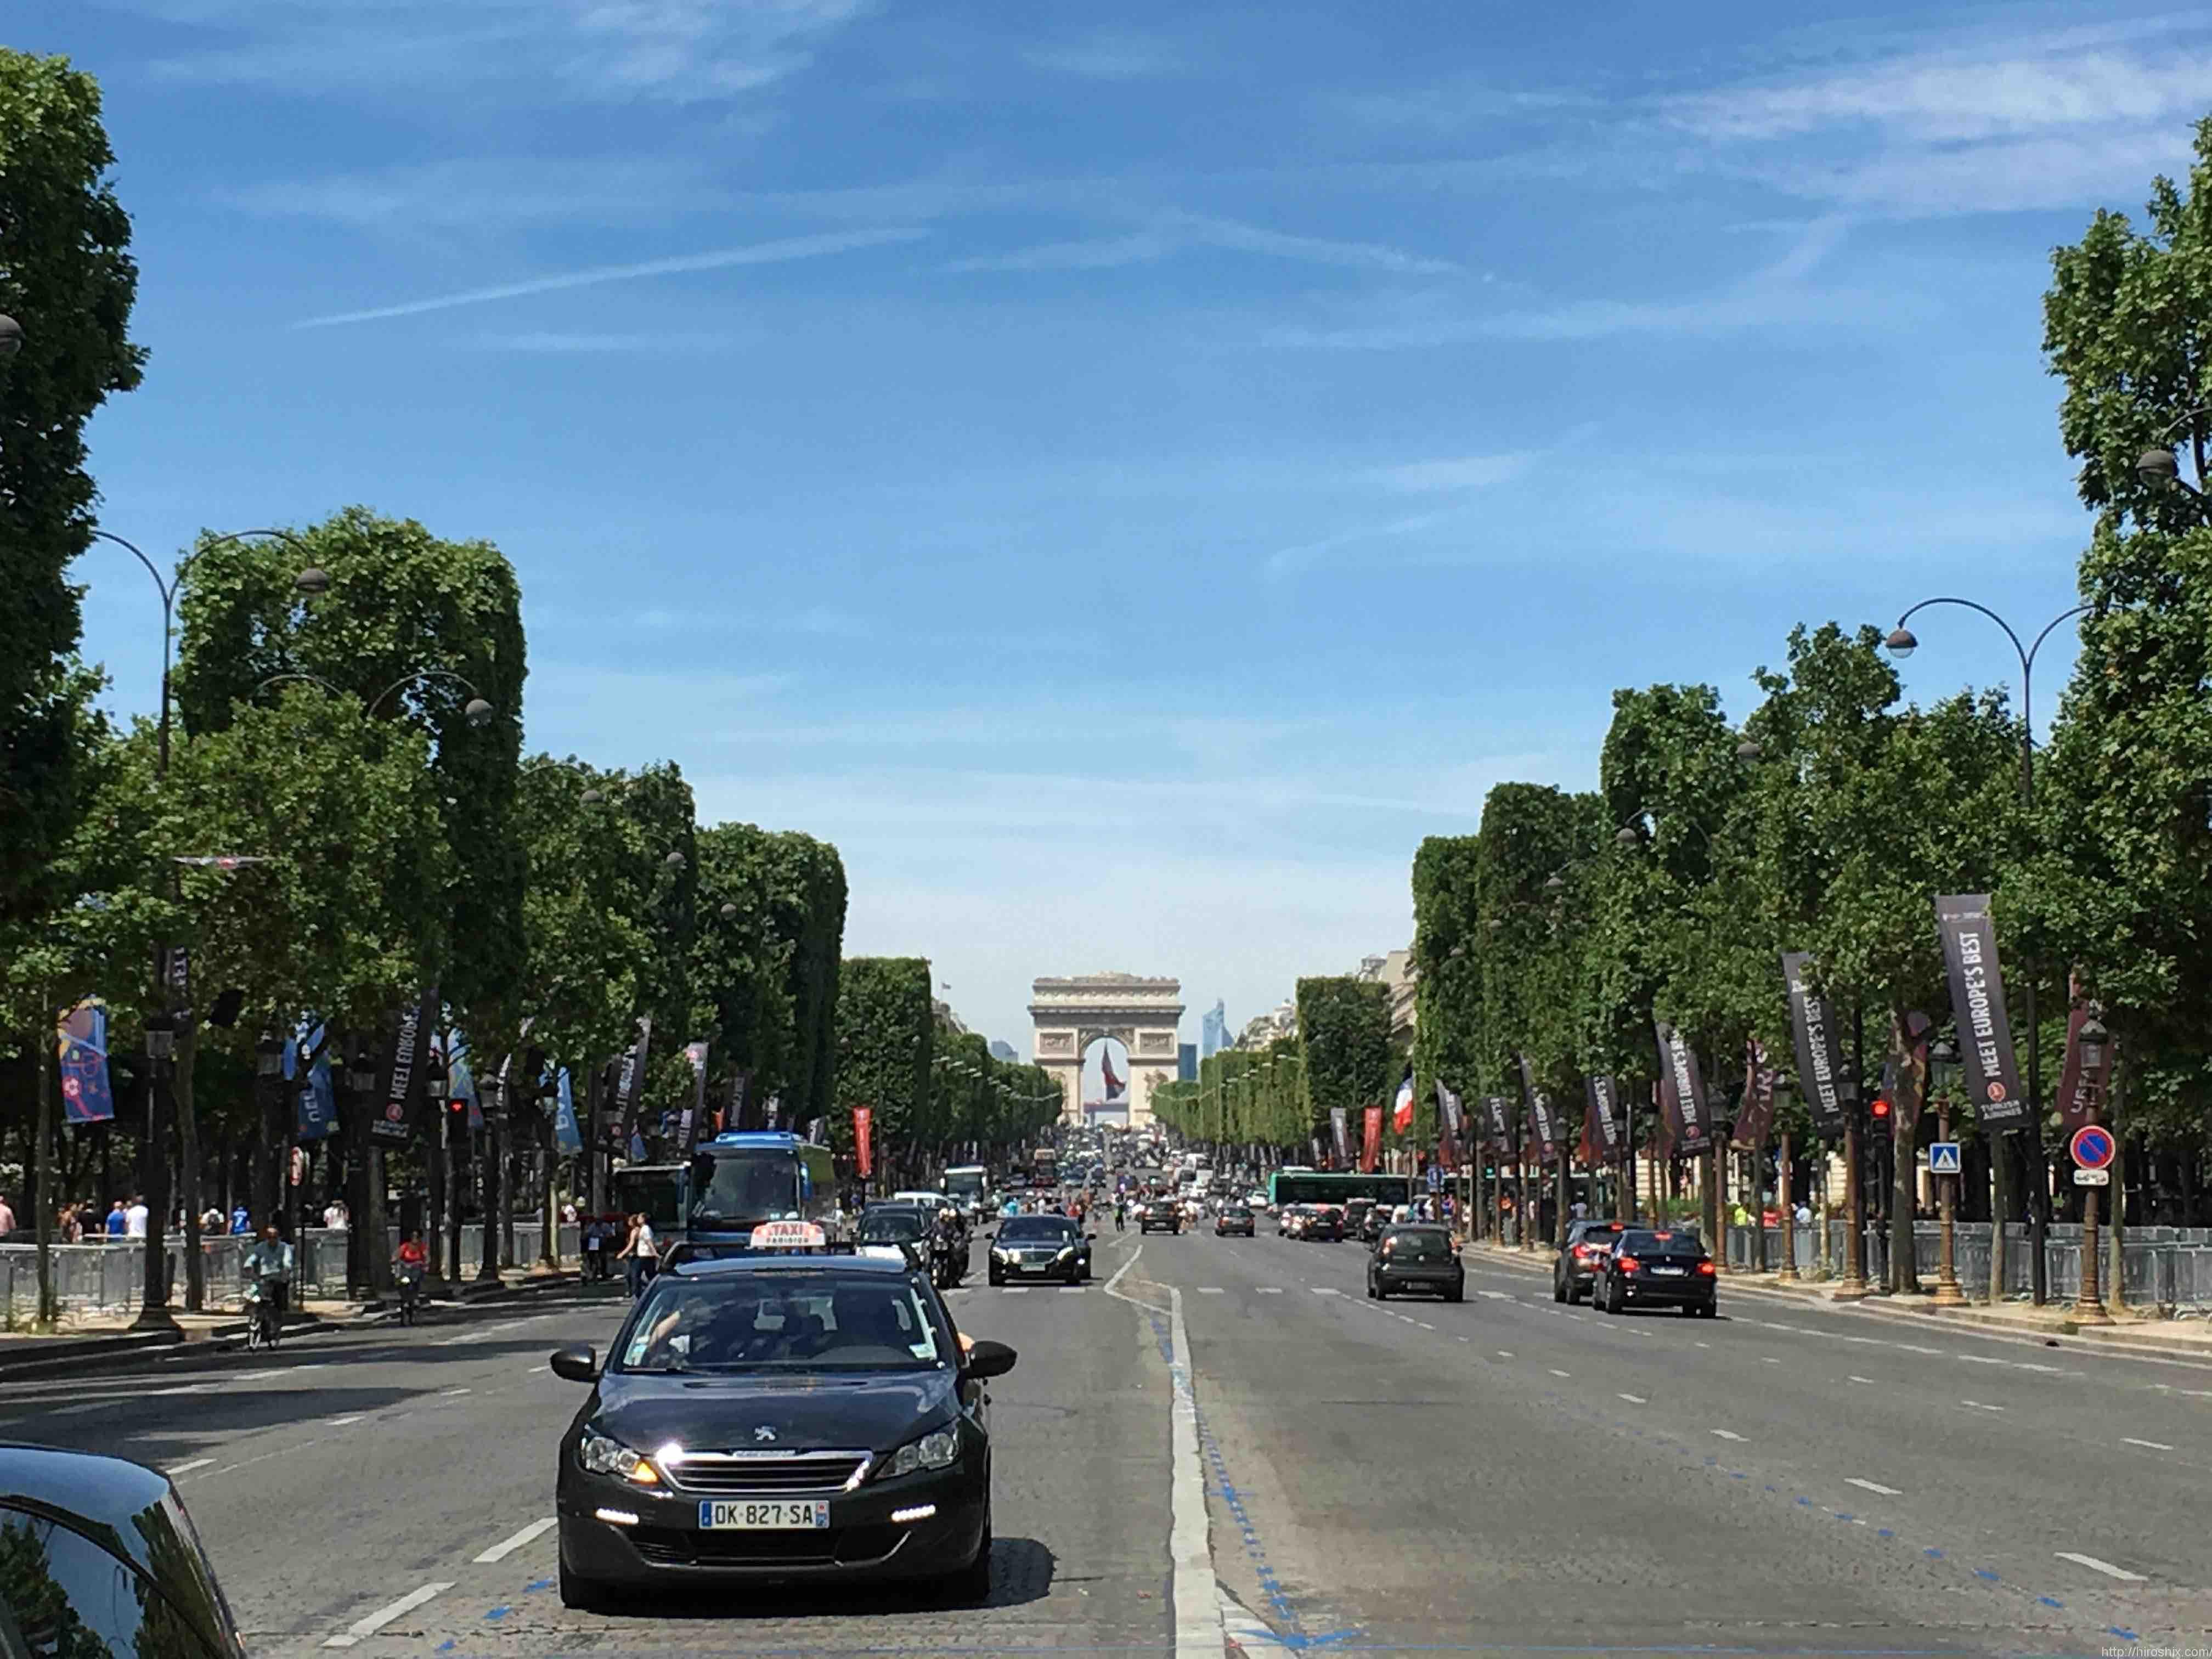 パリ市内をセーヌ川に沿って、ぶらぶら歩いて市内観光【フランス旅行2016】